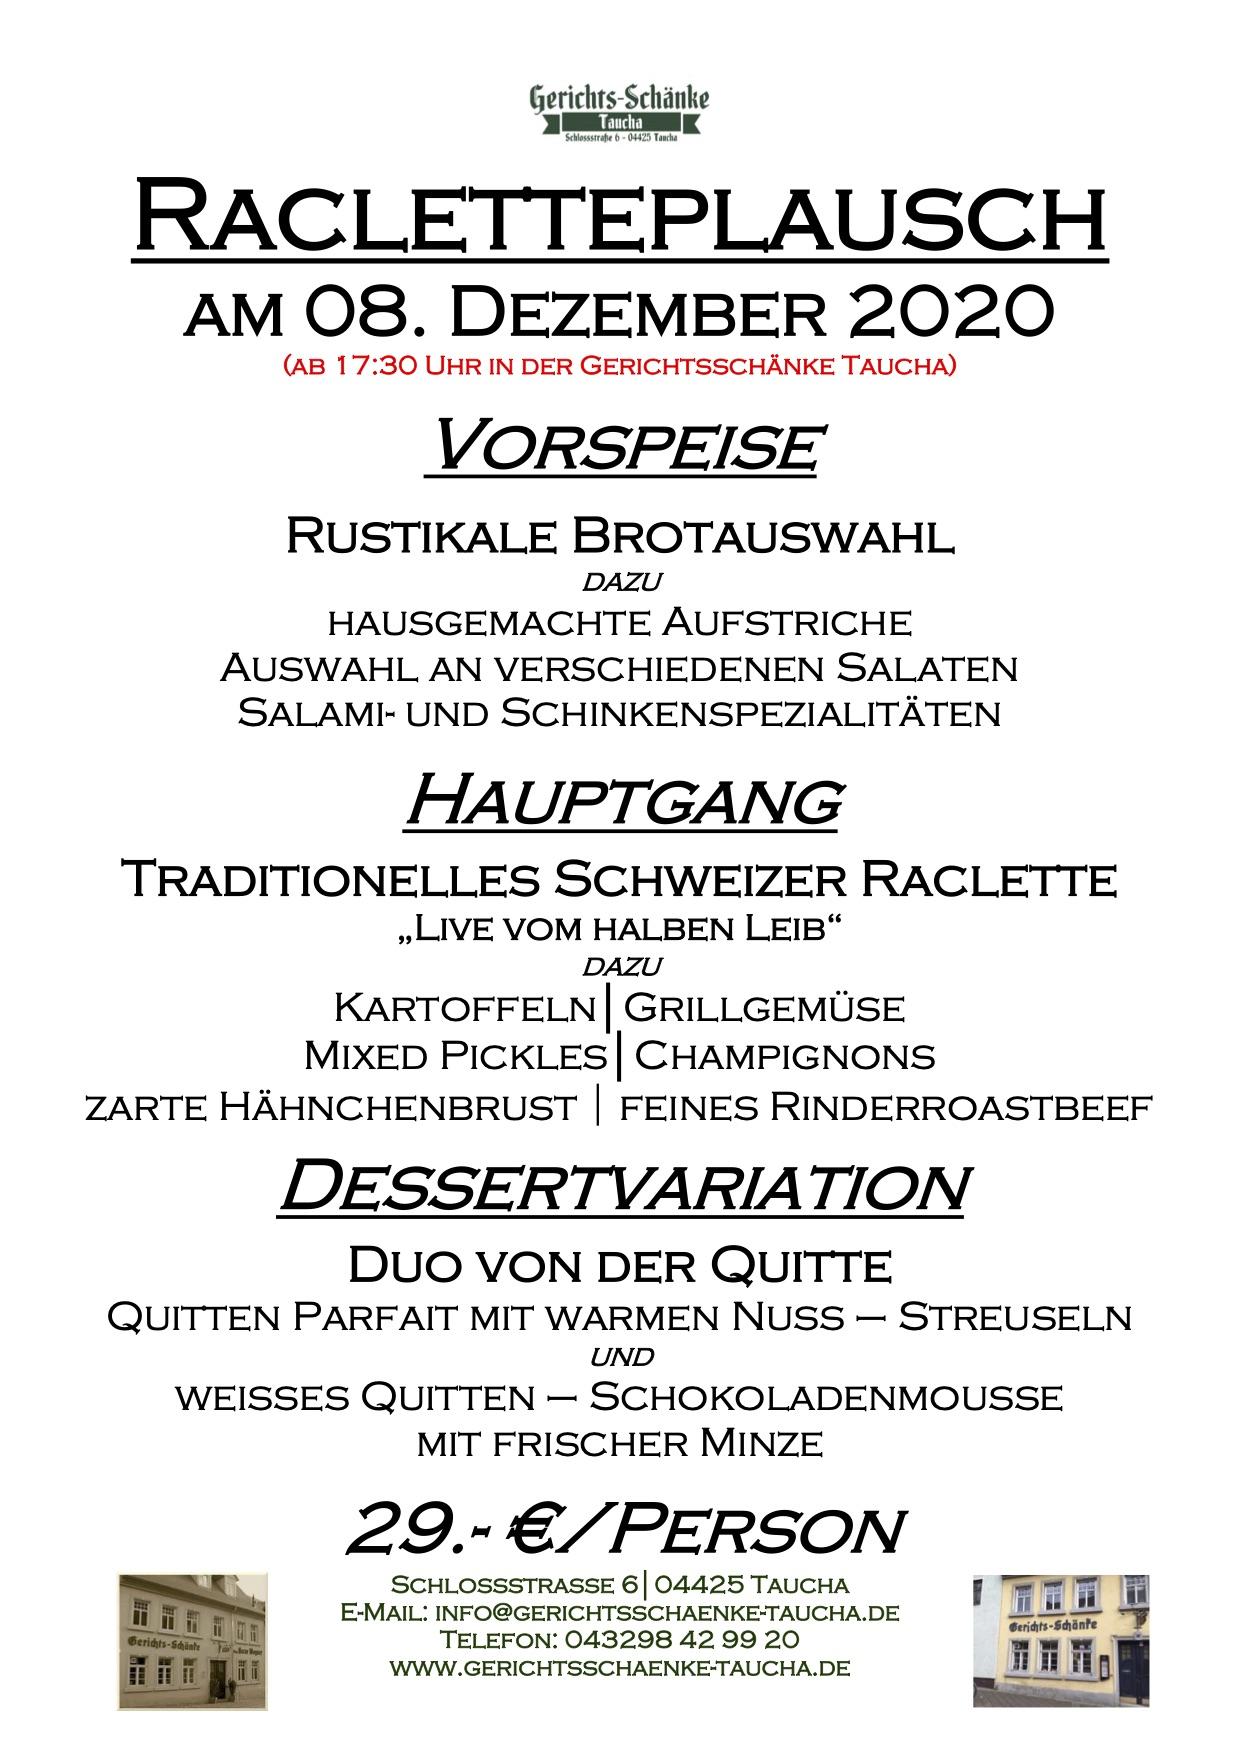 08.12.2020 Racletteplausch